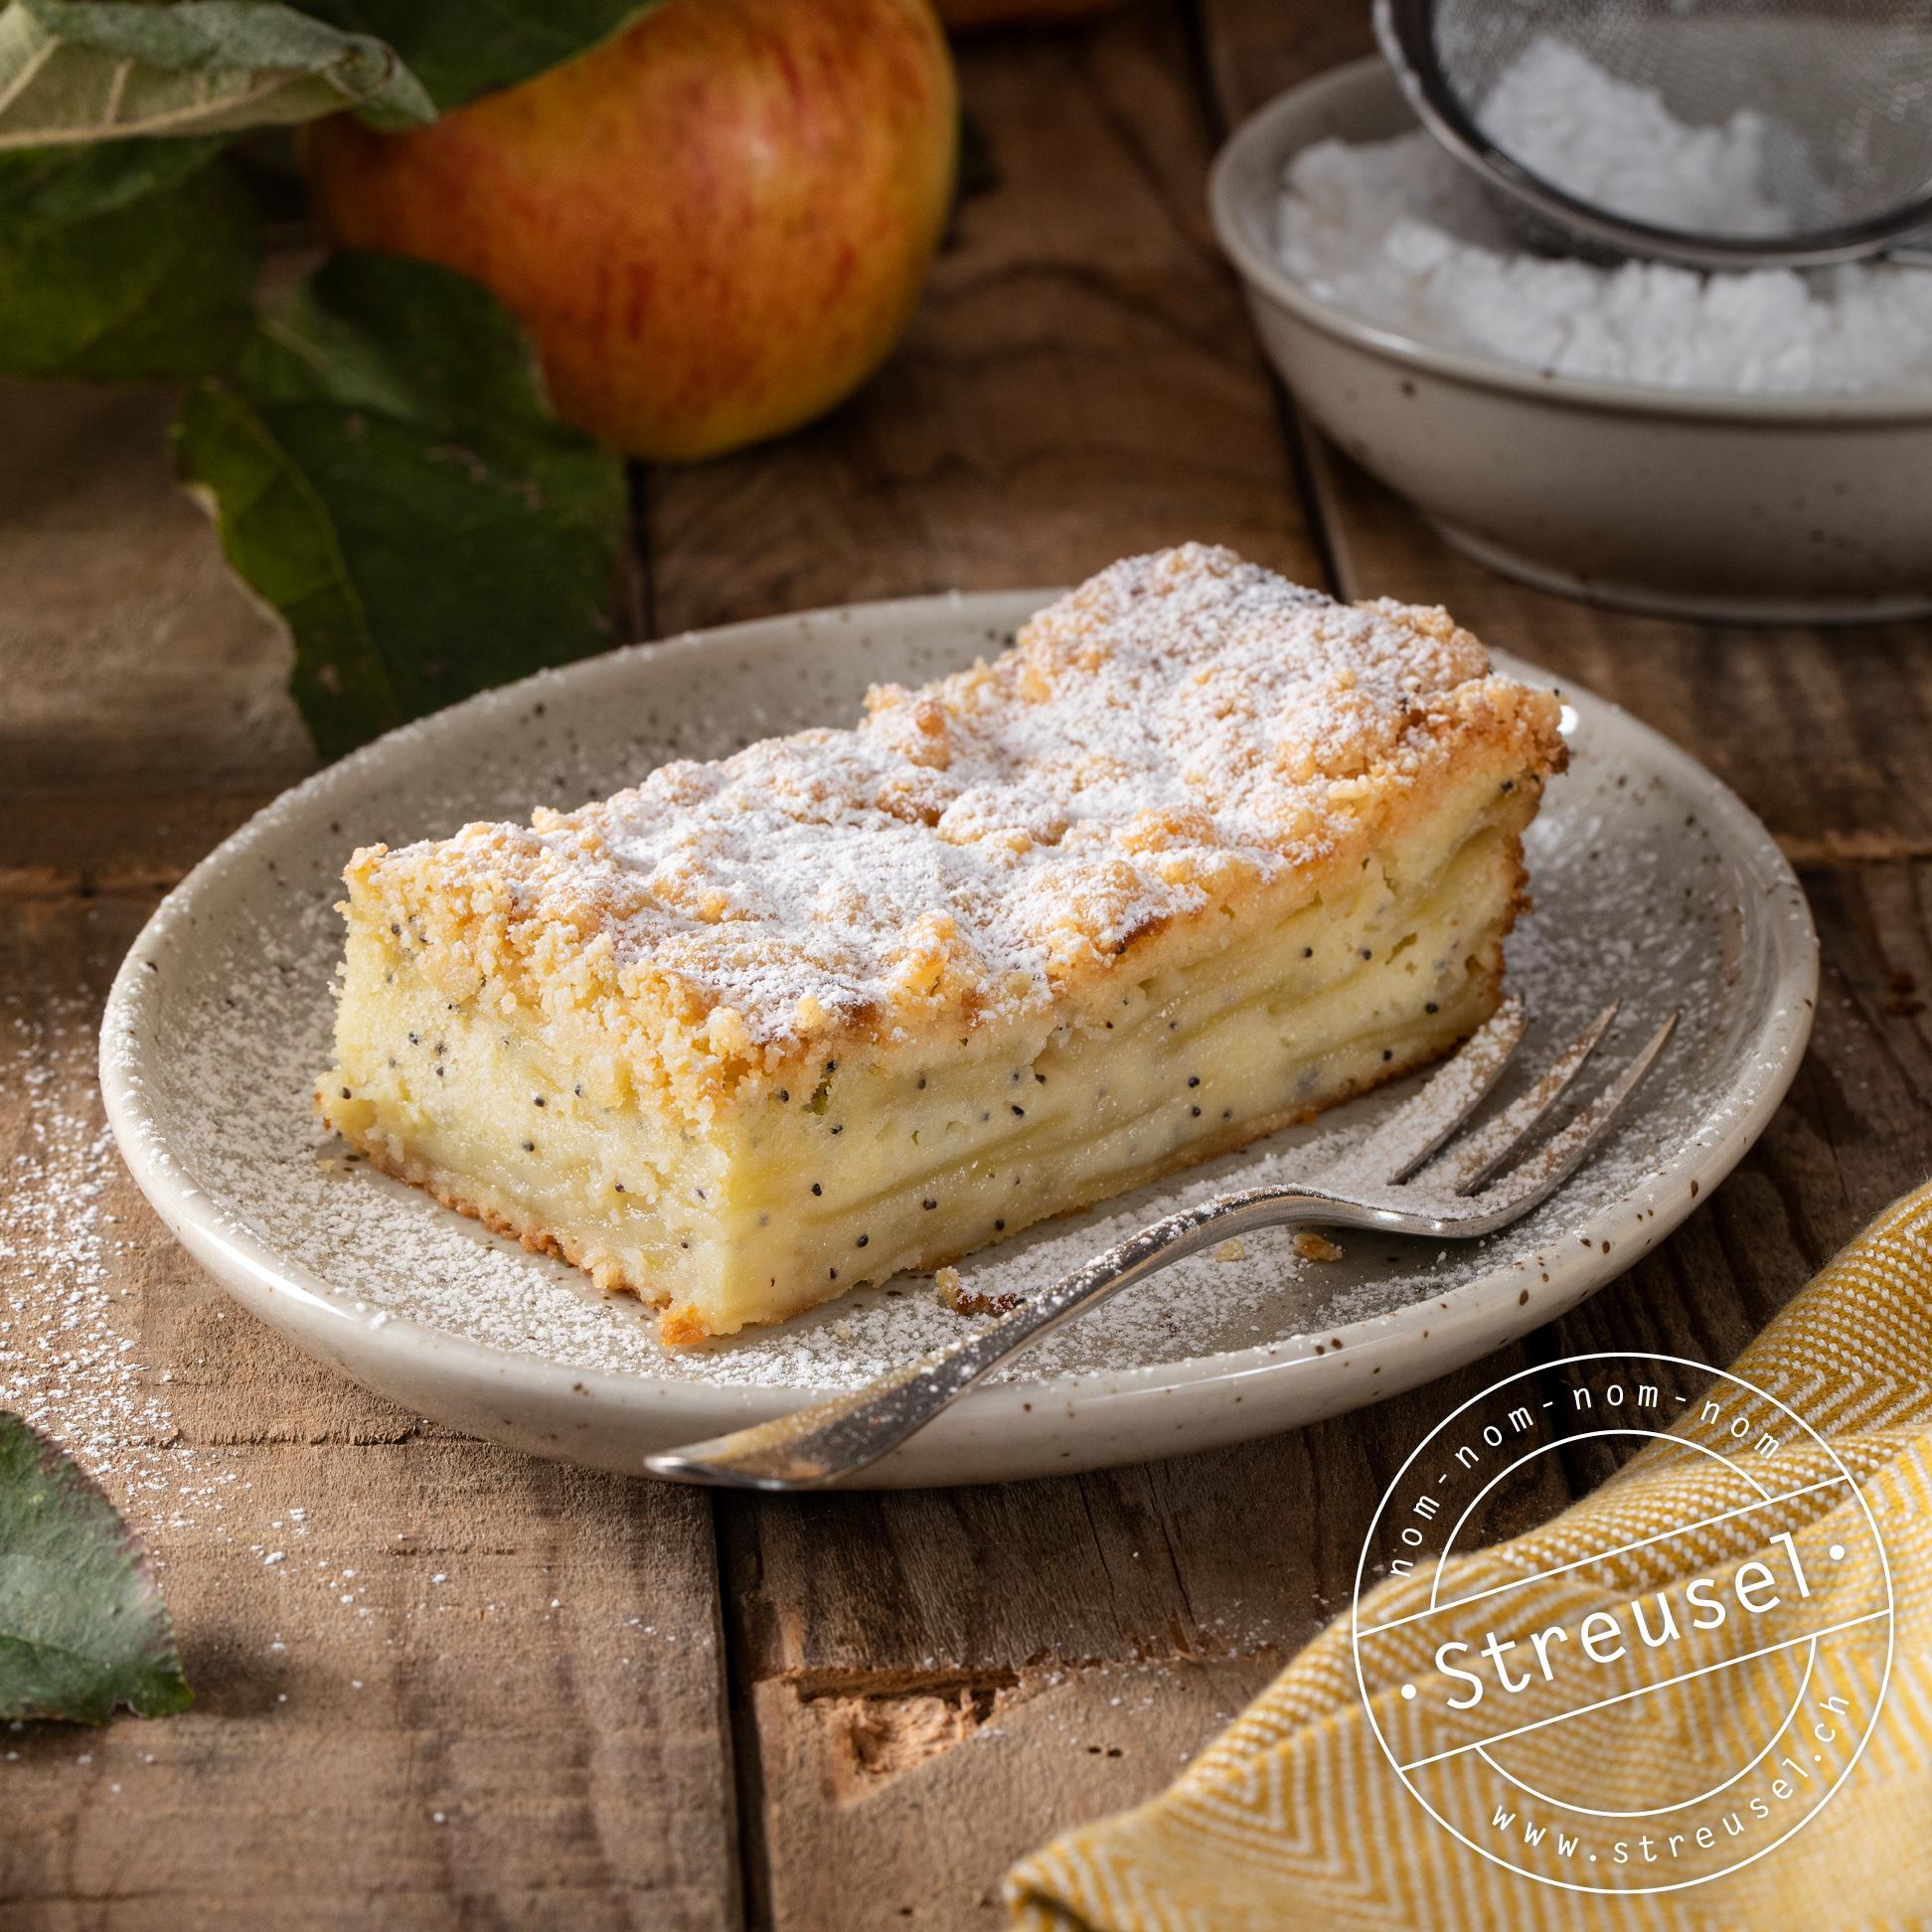 Rezept für selbst gemachte Apfel-Streuselschnitten / Apfel-Streuselkuchen.